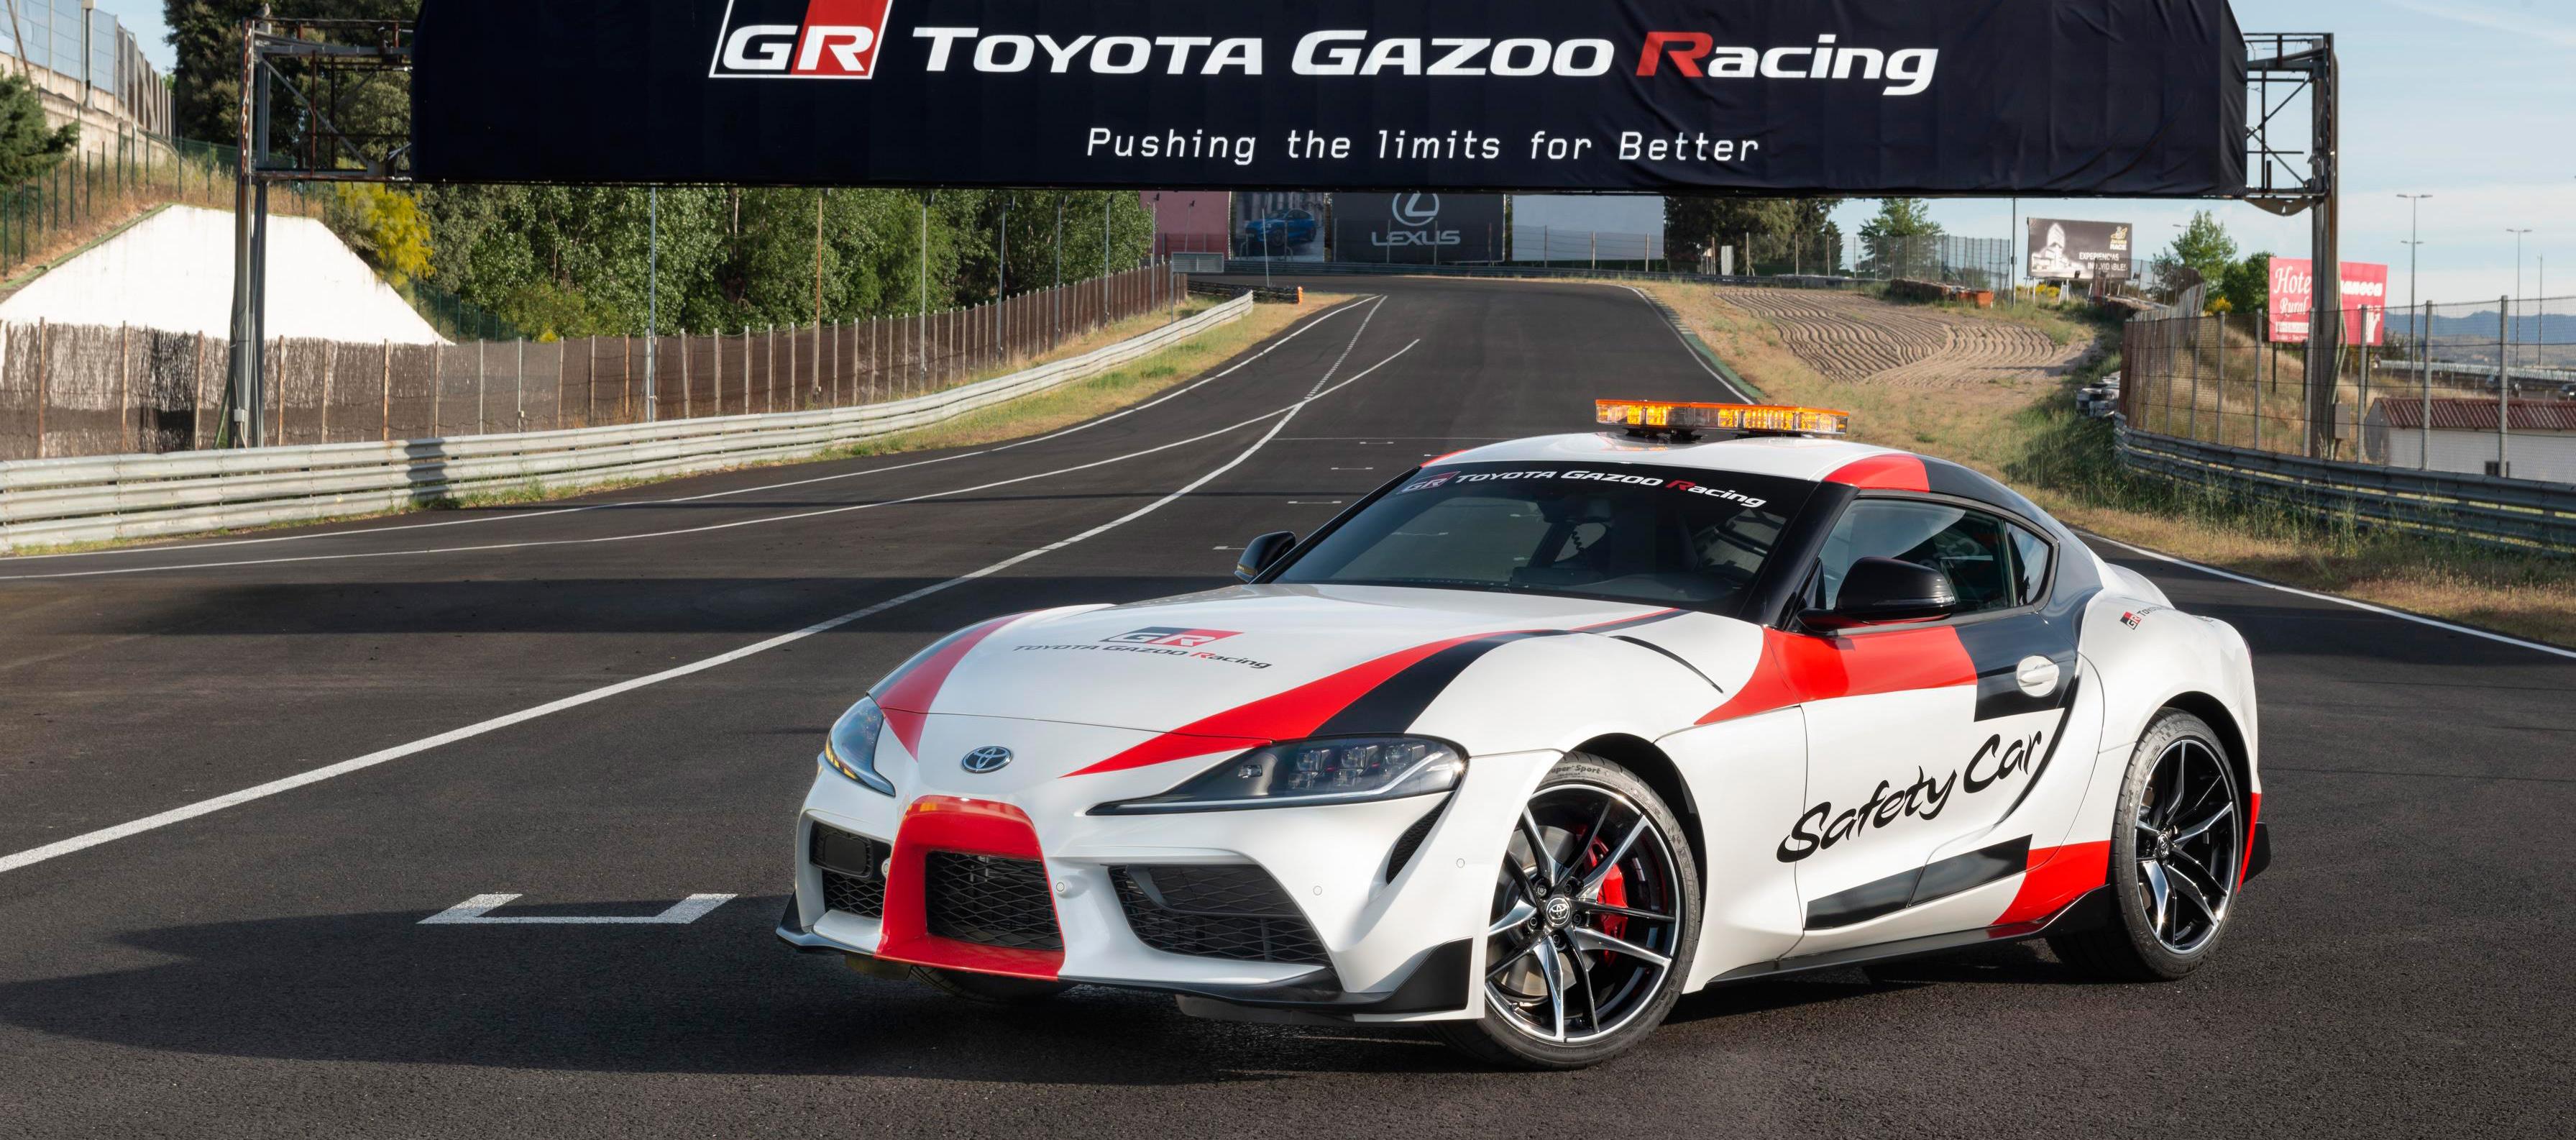 Toyota GR Supra Safety Car, nuevo coche de seguridad para el CET